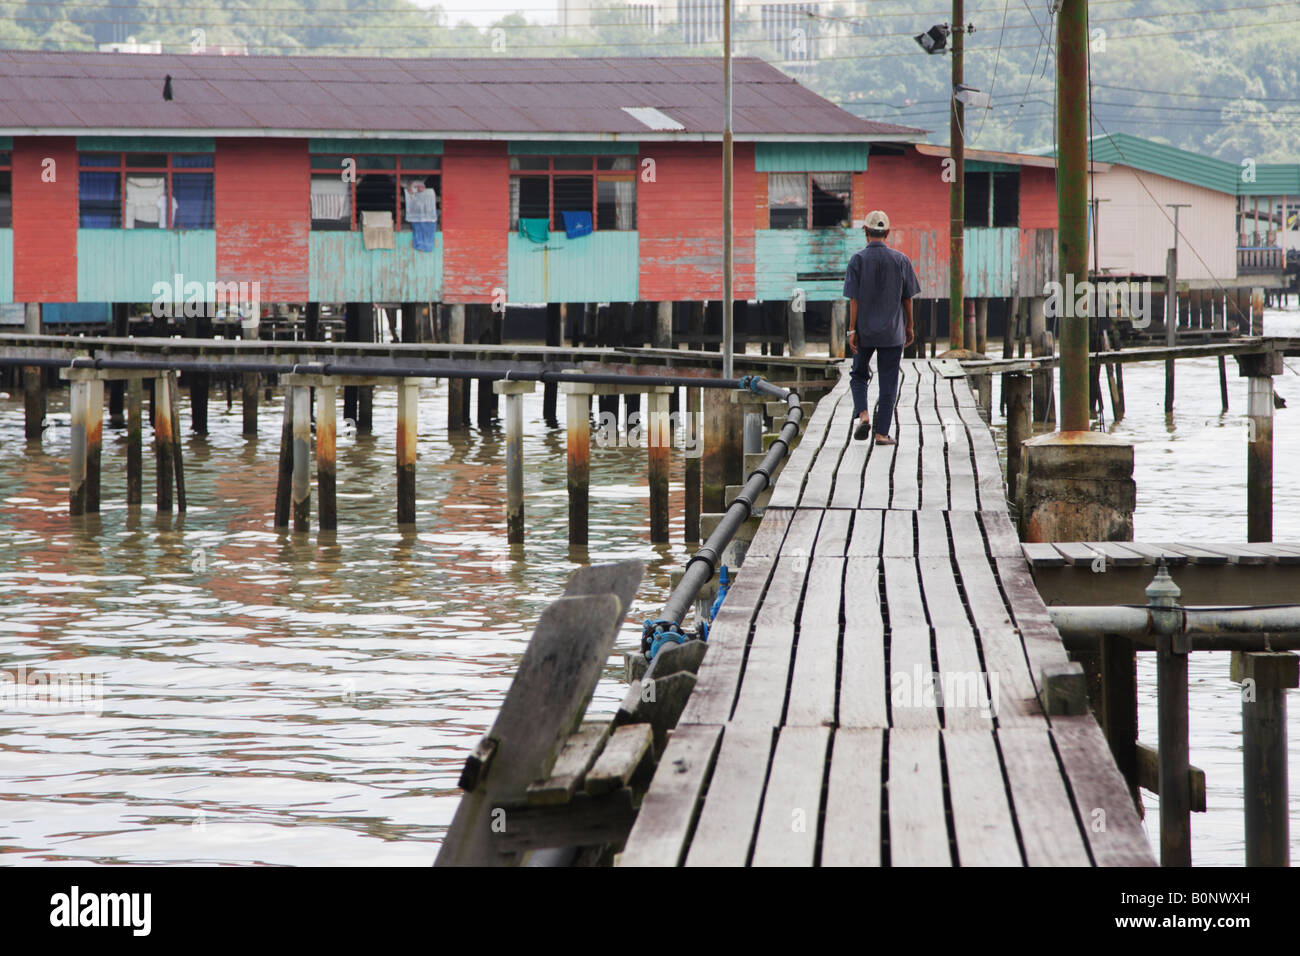 Man Walking Along Walkways Of Stilt Village Of Kampung Ayer, Brunei - Stock Image